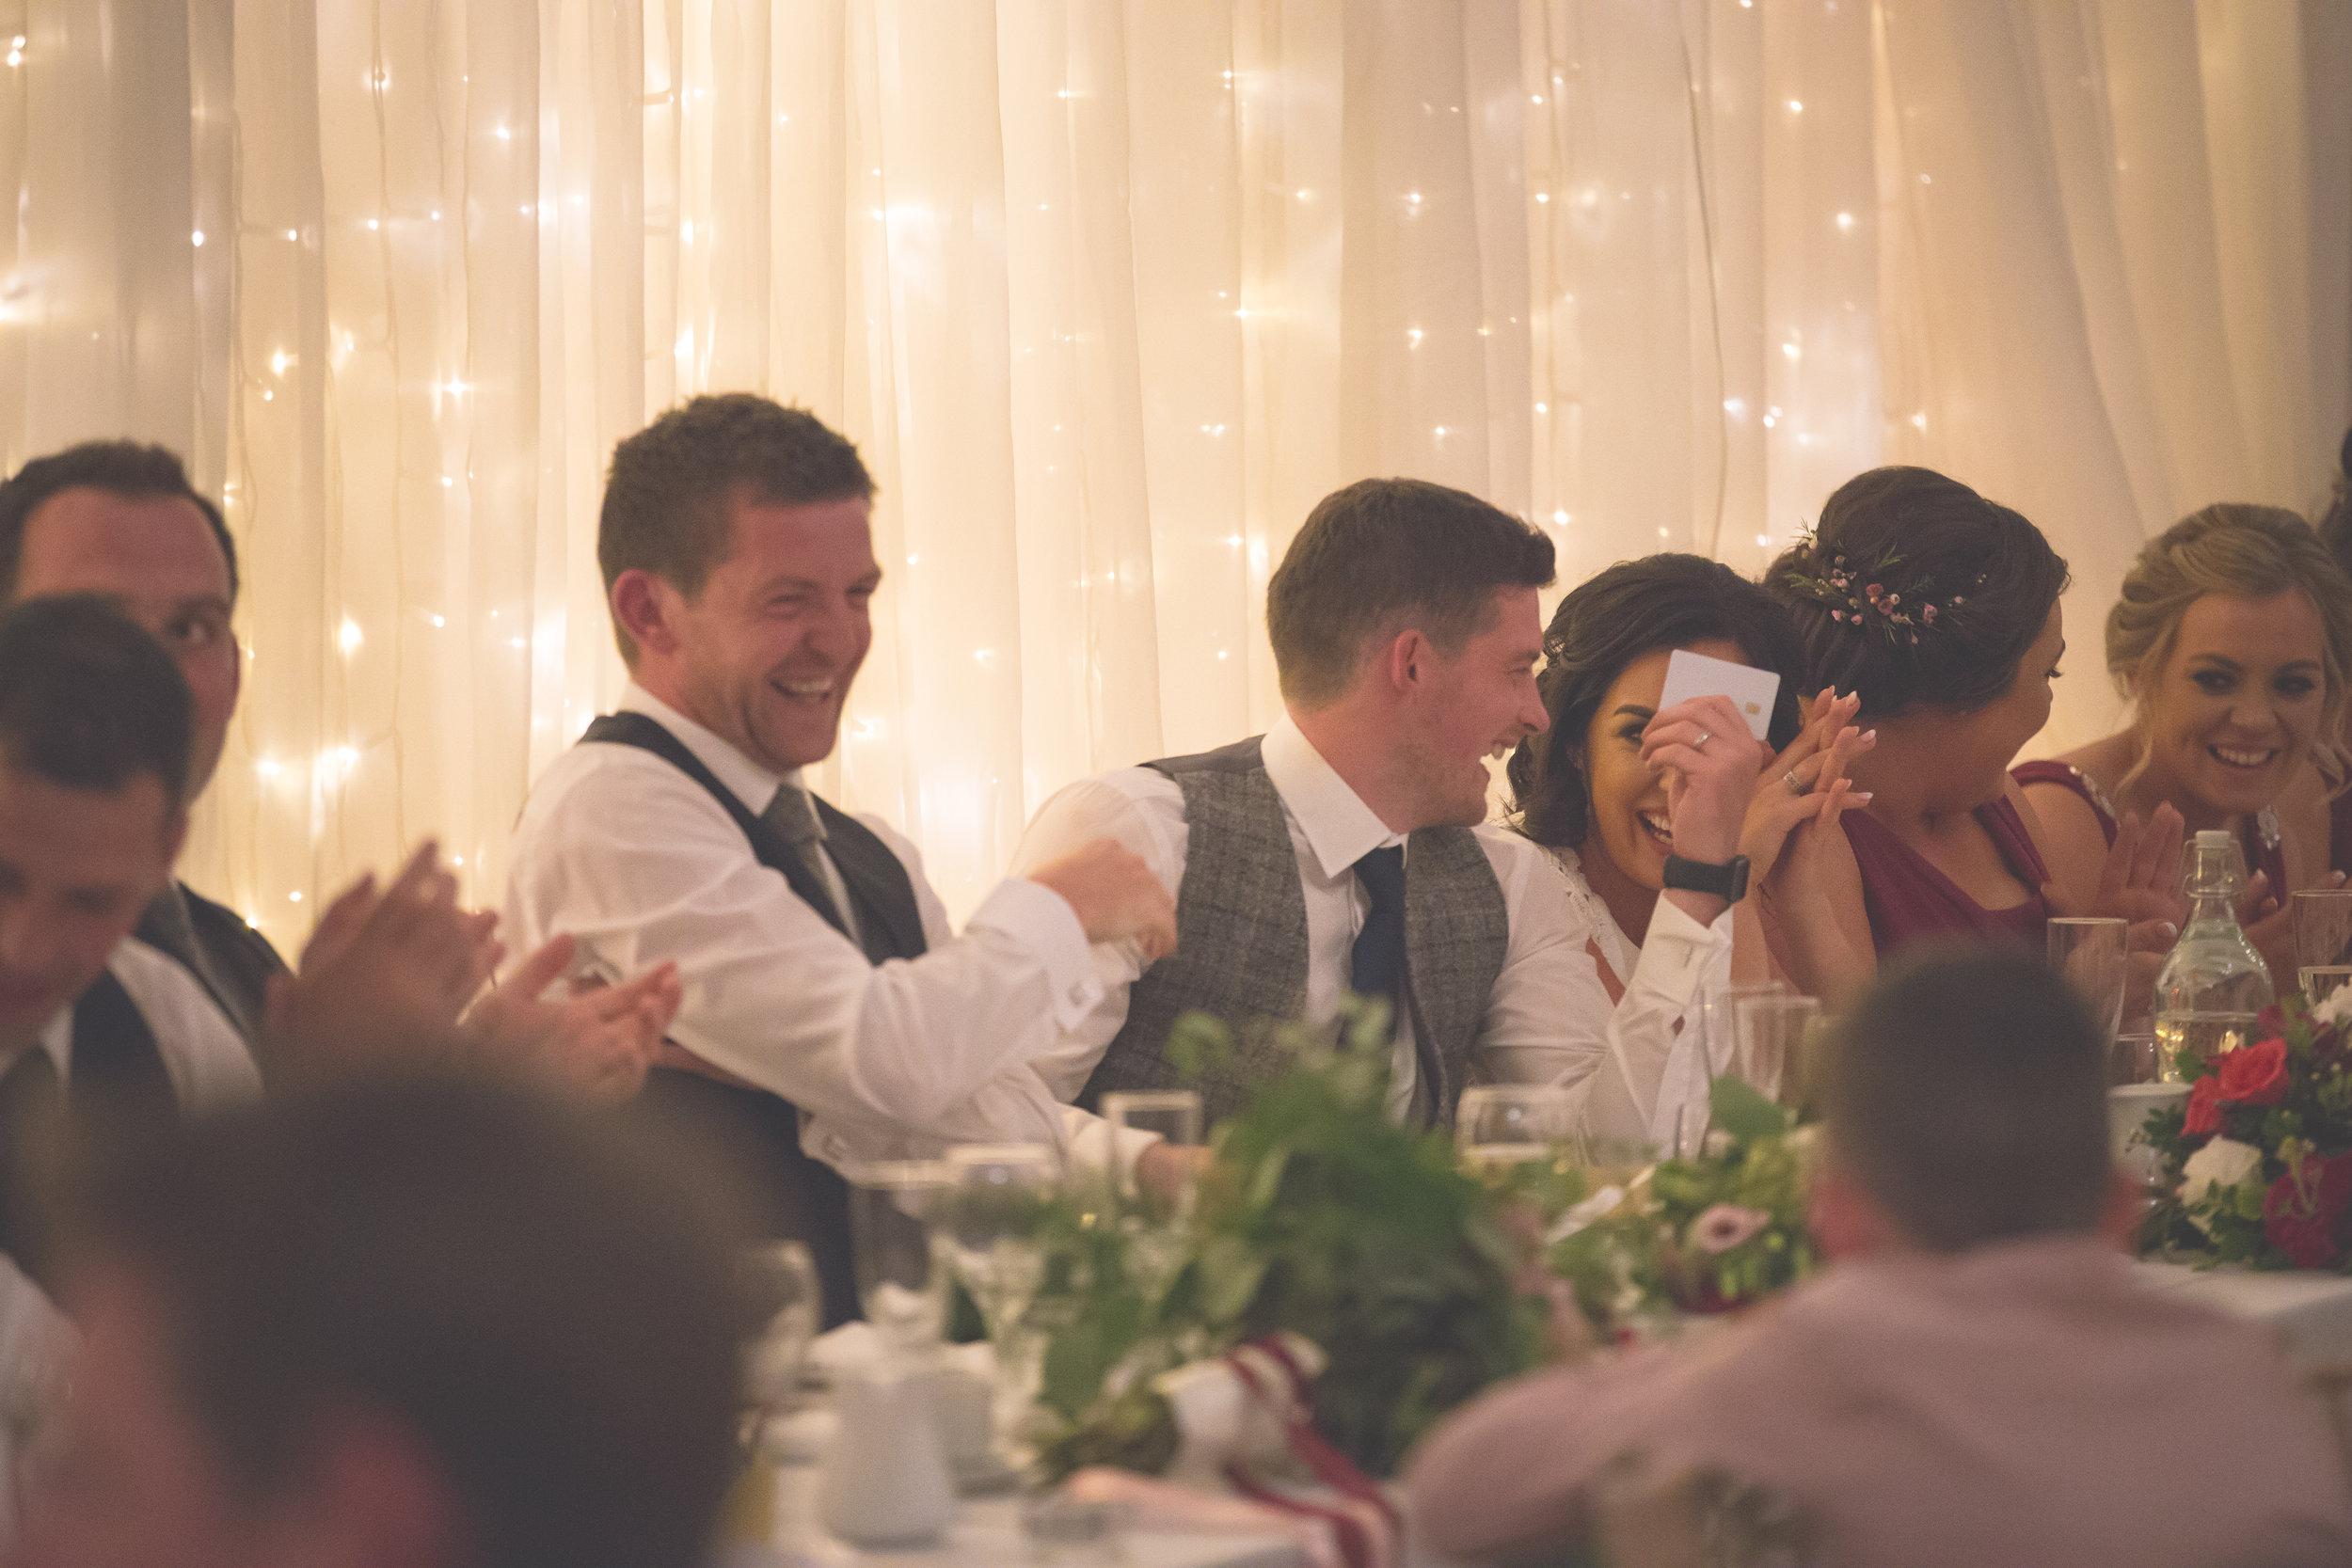 Brian McEwan Wedding Photography | Carol-Anne & Sean | The Speeches-117.jpg